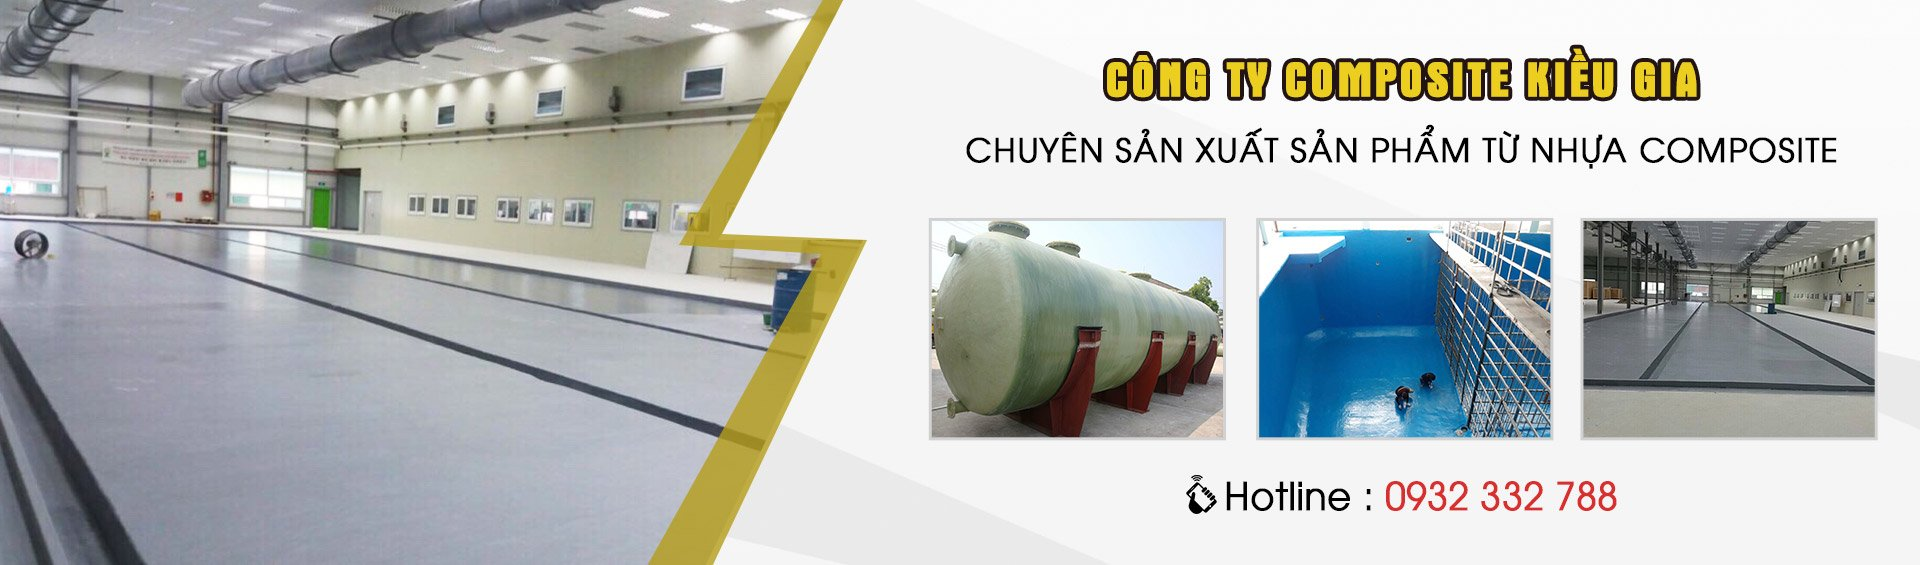 banner-compositevietnam-02